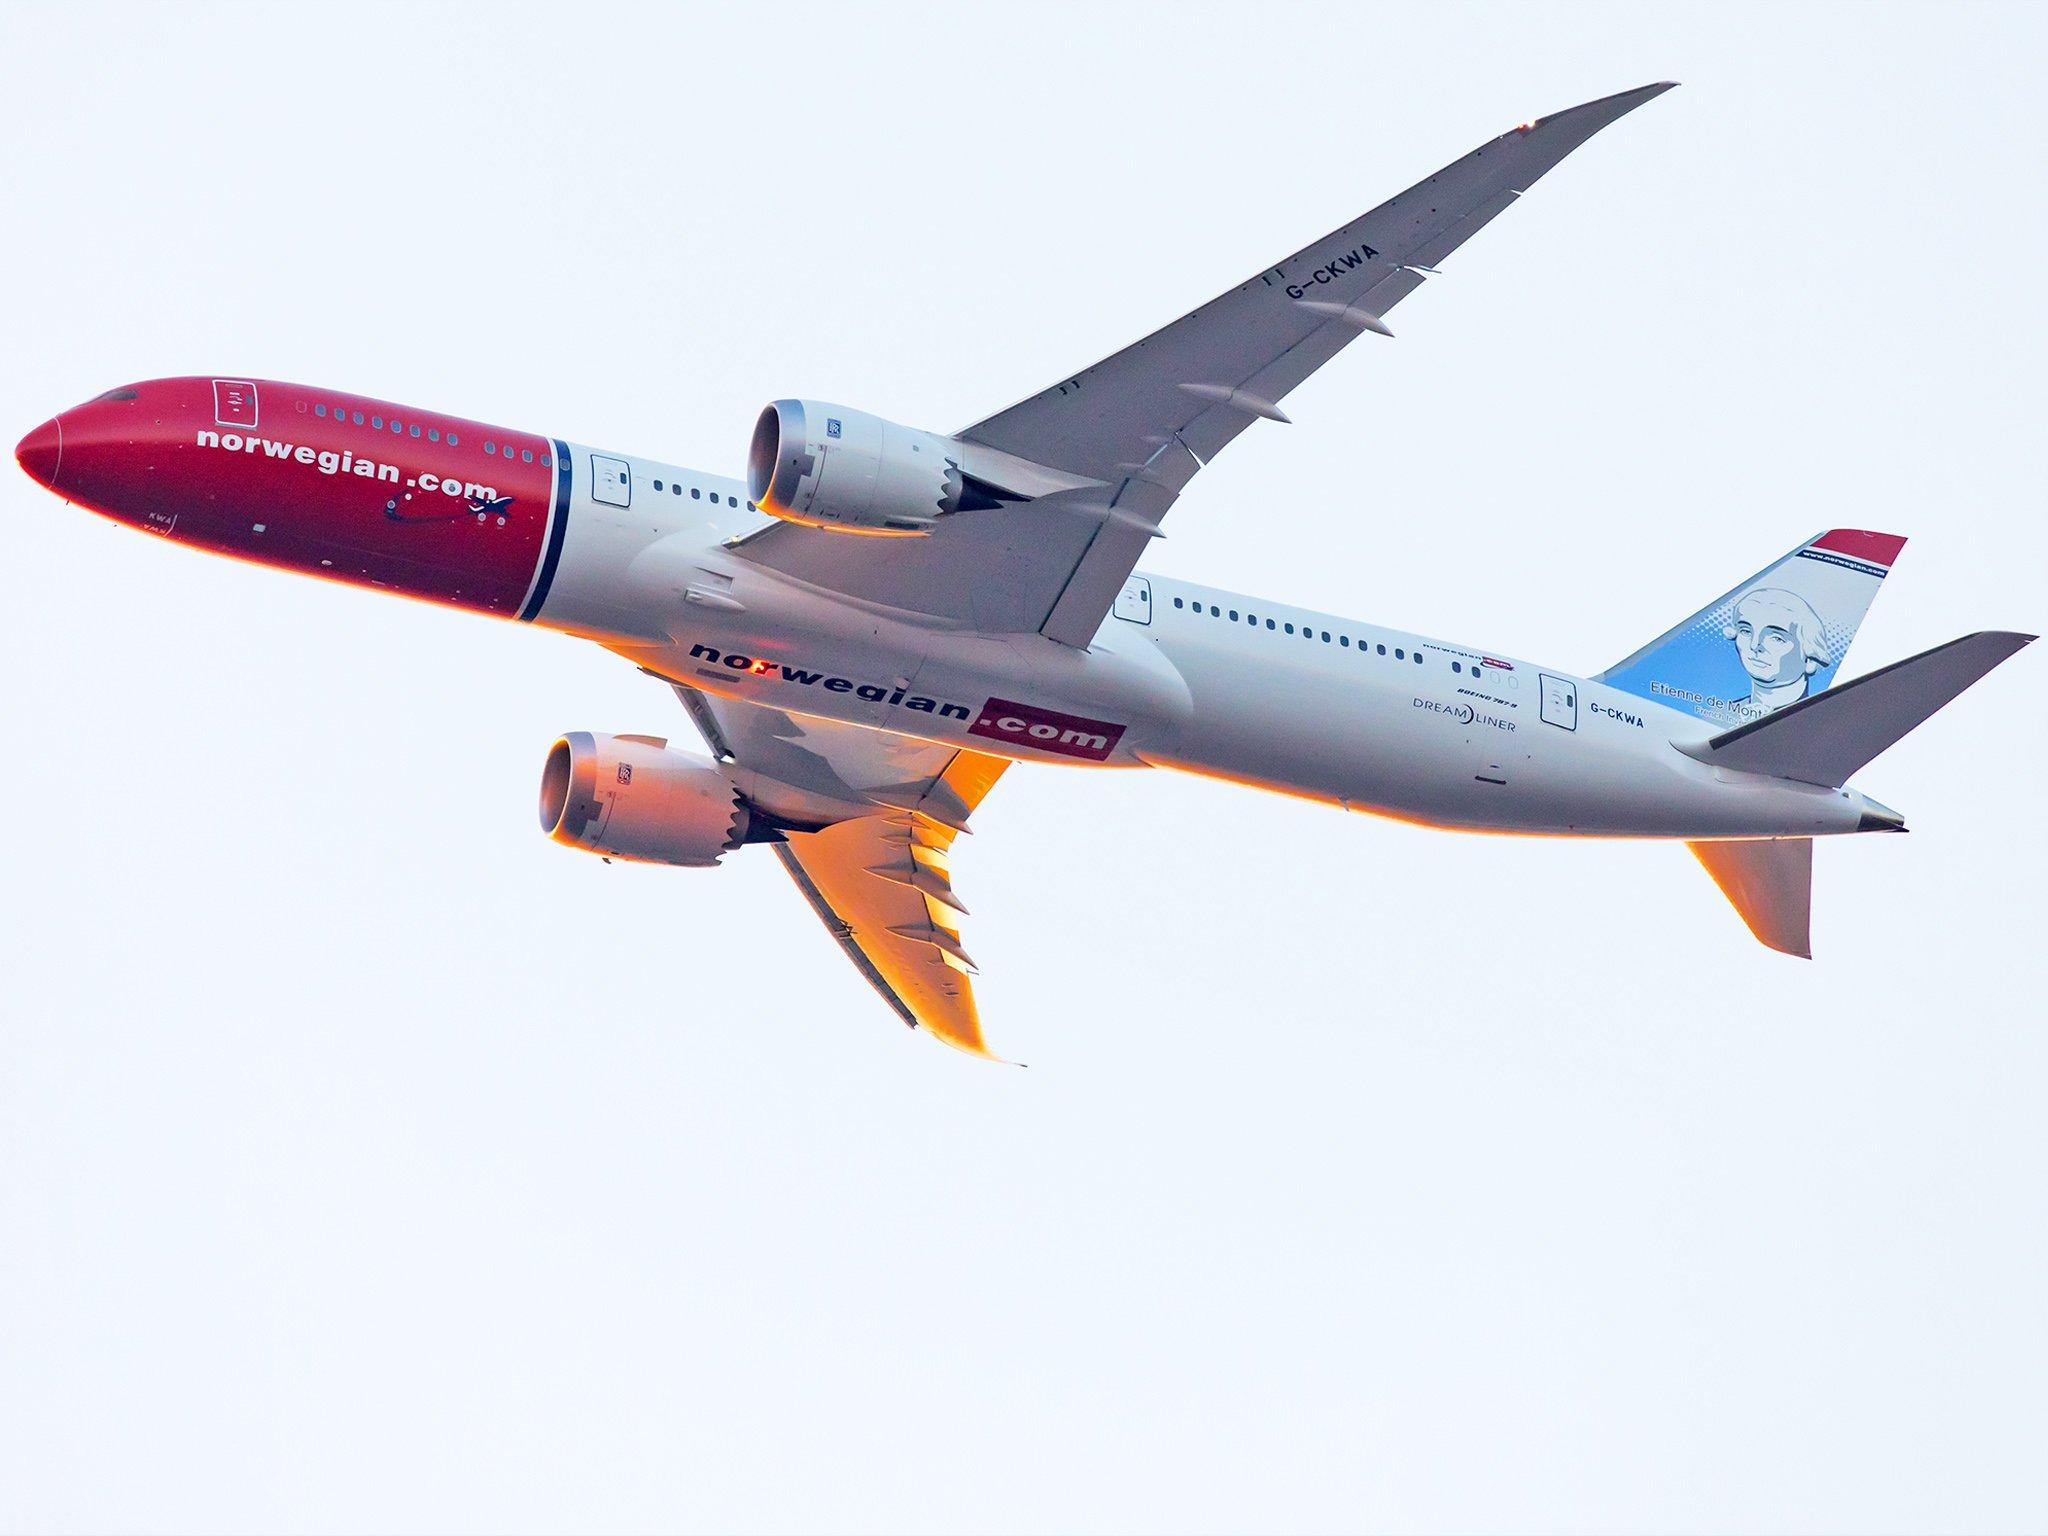 norwegian-787-dreamliner